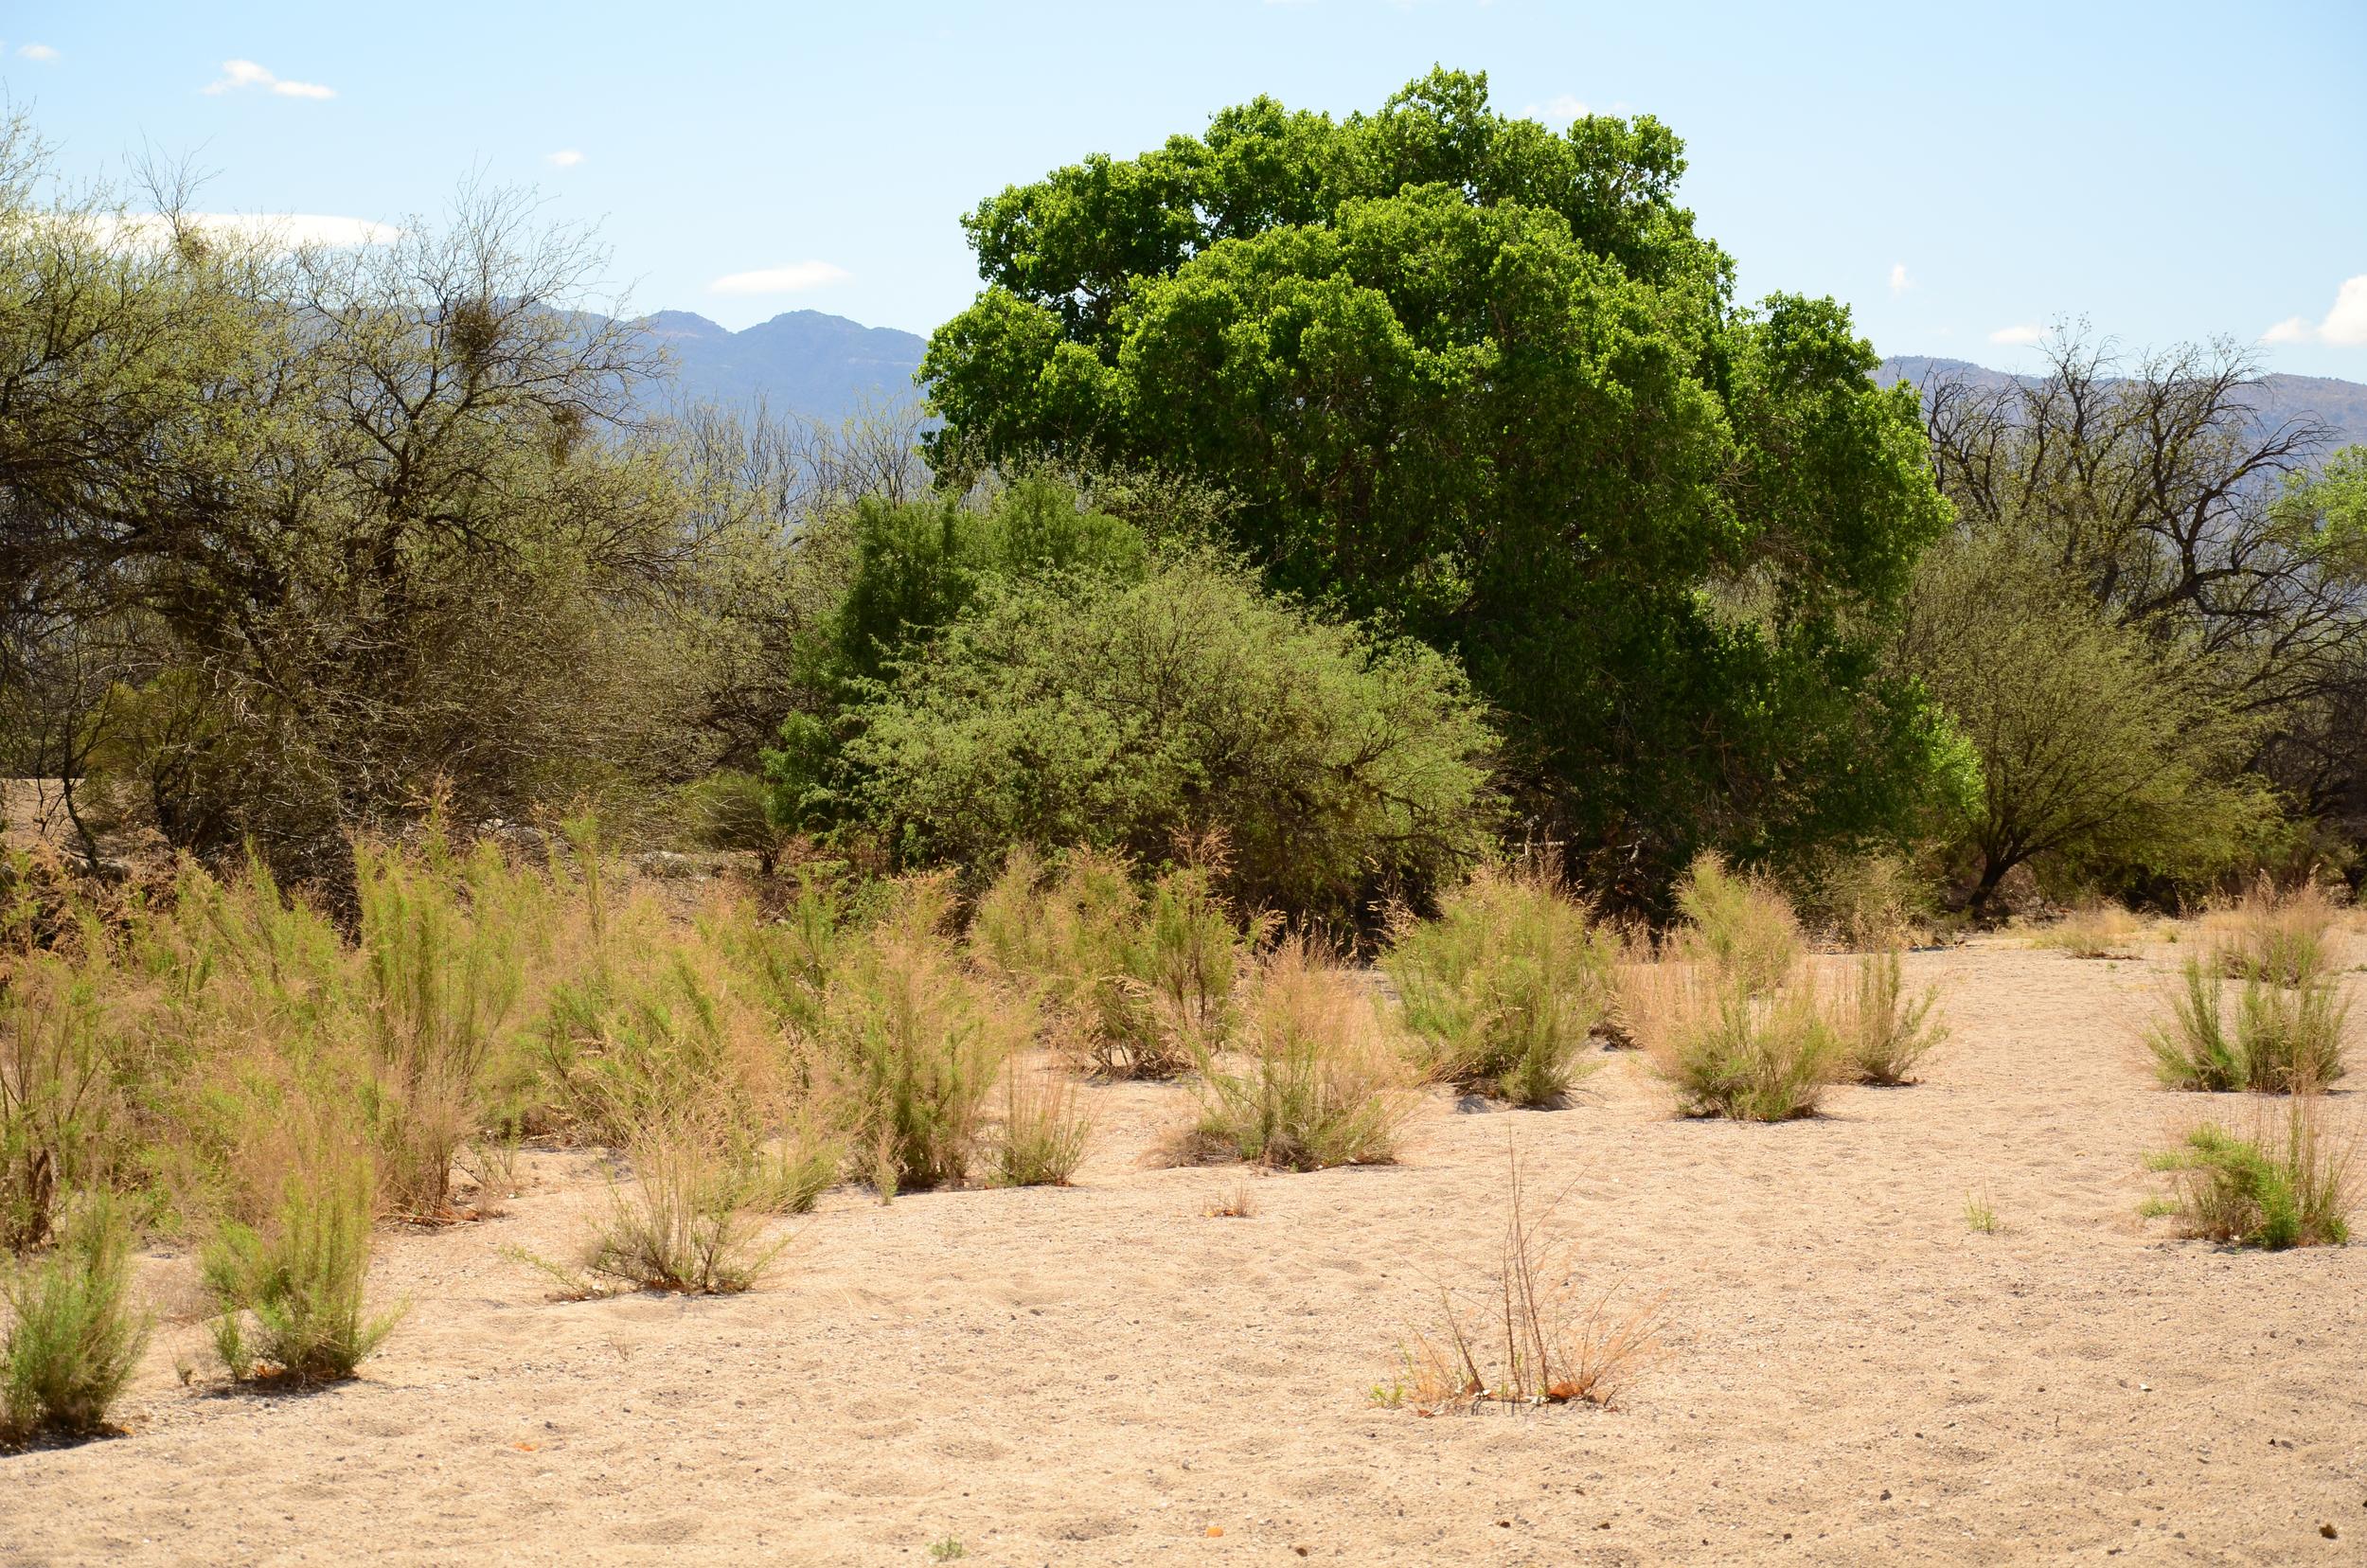 desert-8494-24-of-26_10179541344_o.jpg